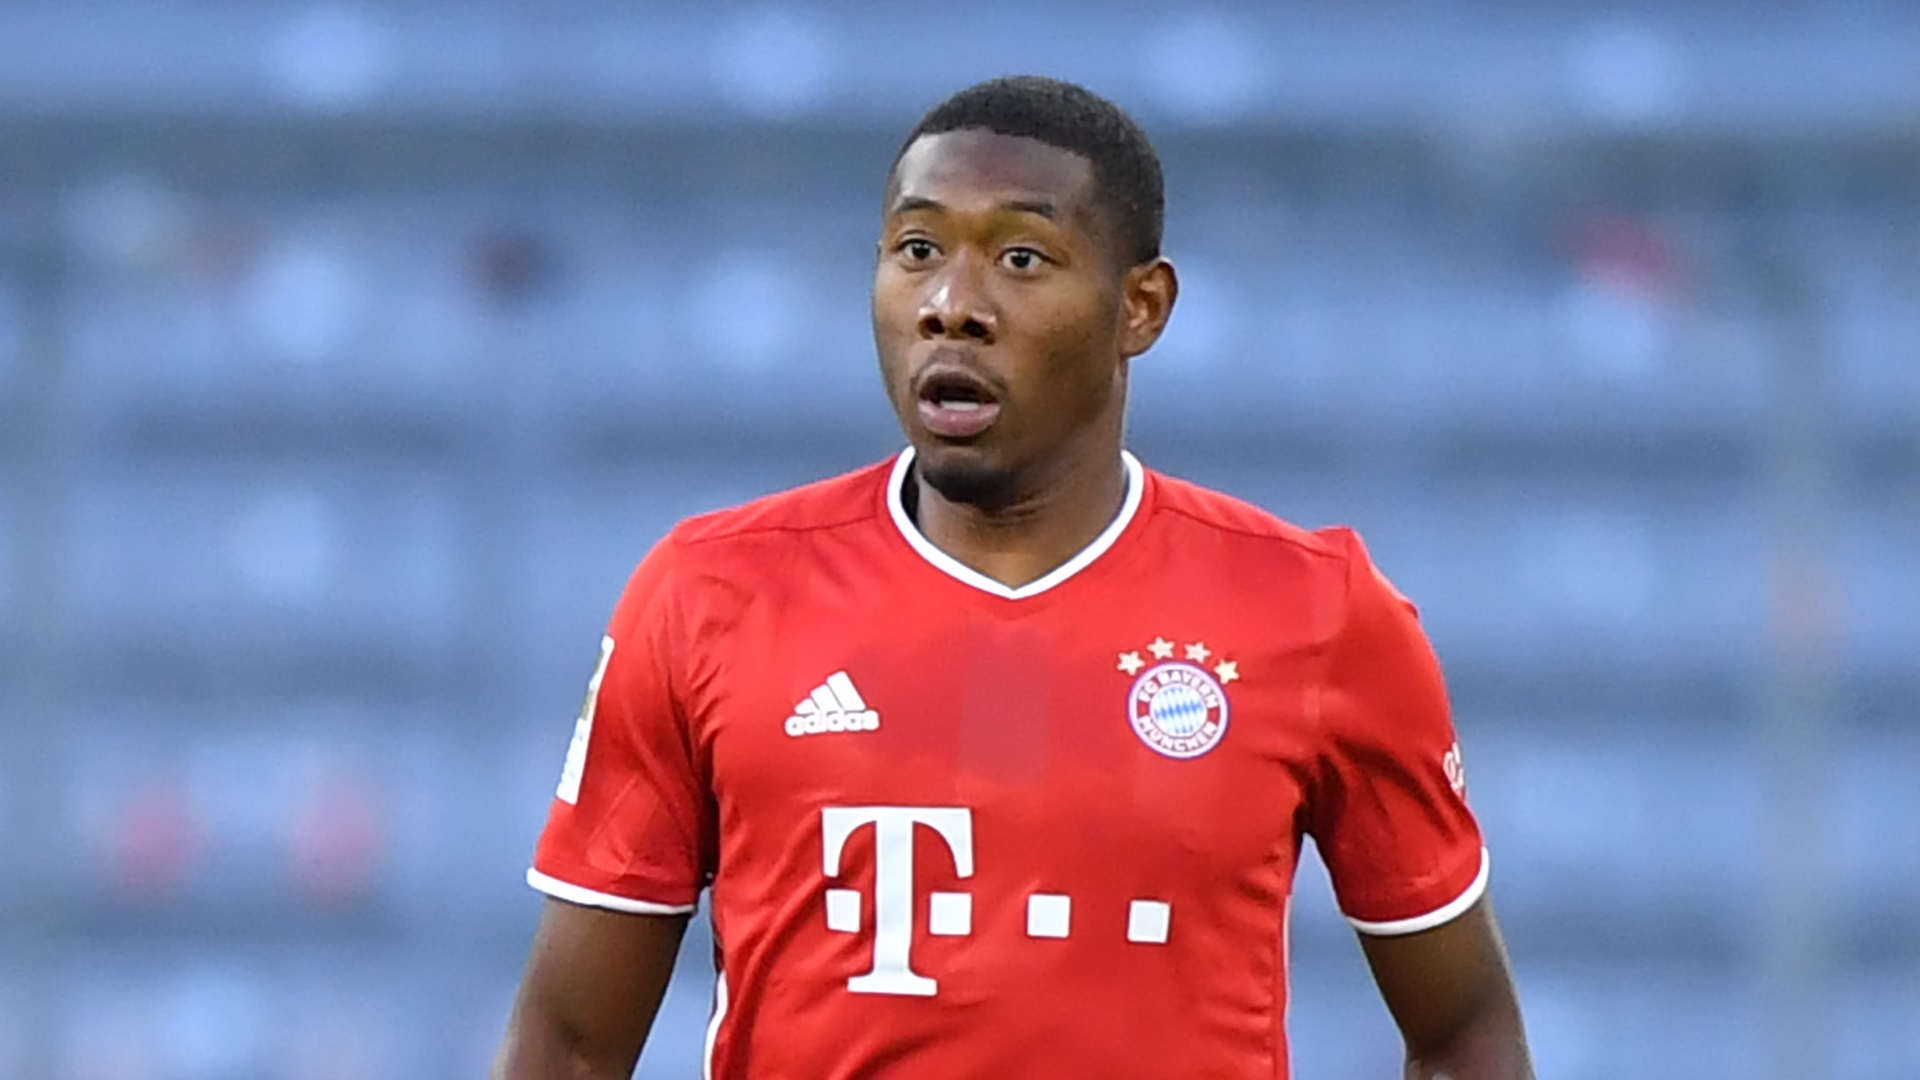 Bayern Munich ngừng đàm phán gia hạn, Alaba tiếp tục bỏ ngỏ tương lai |  Goal.com